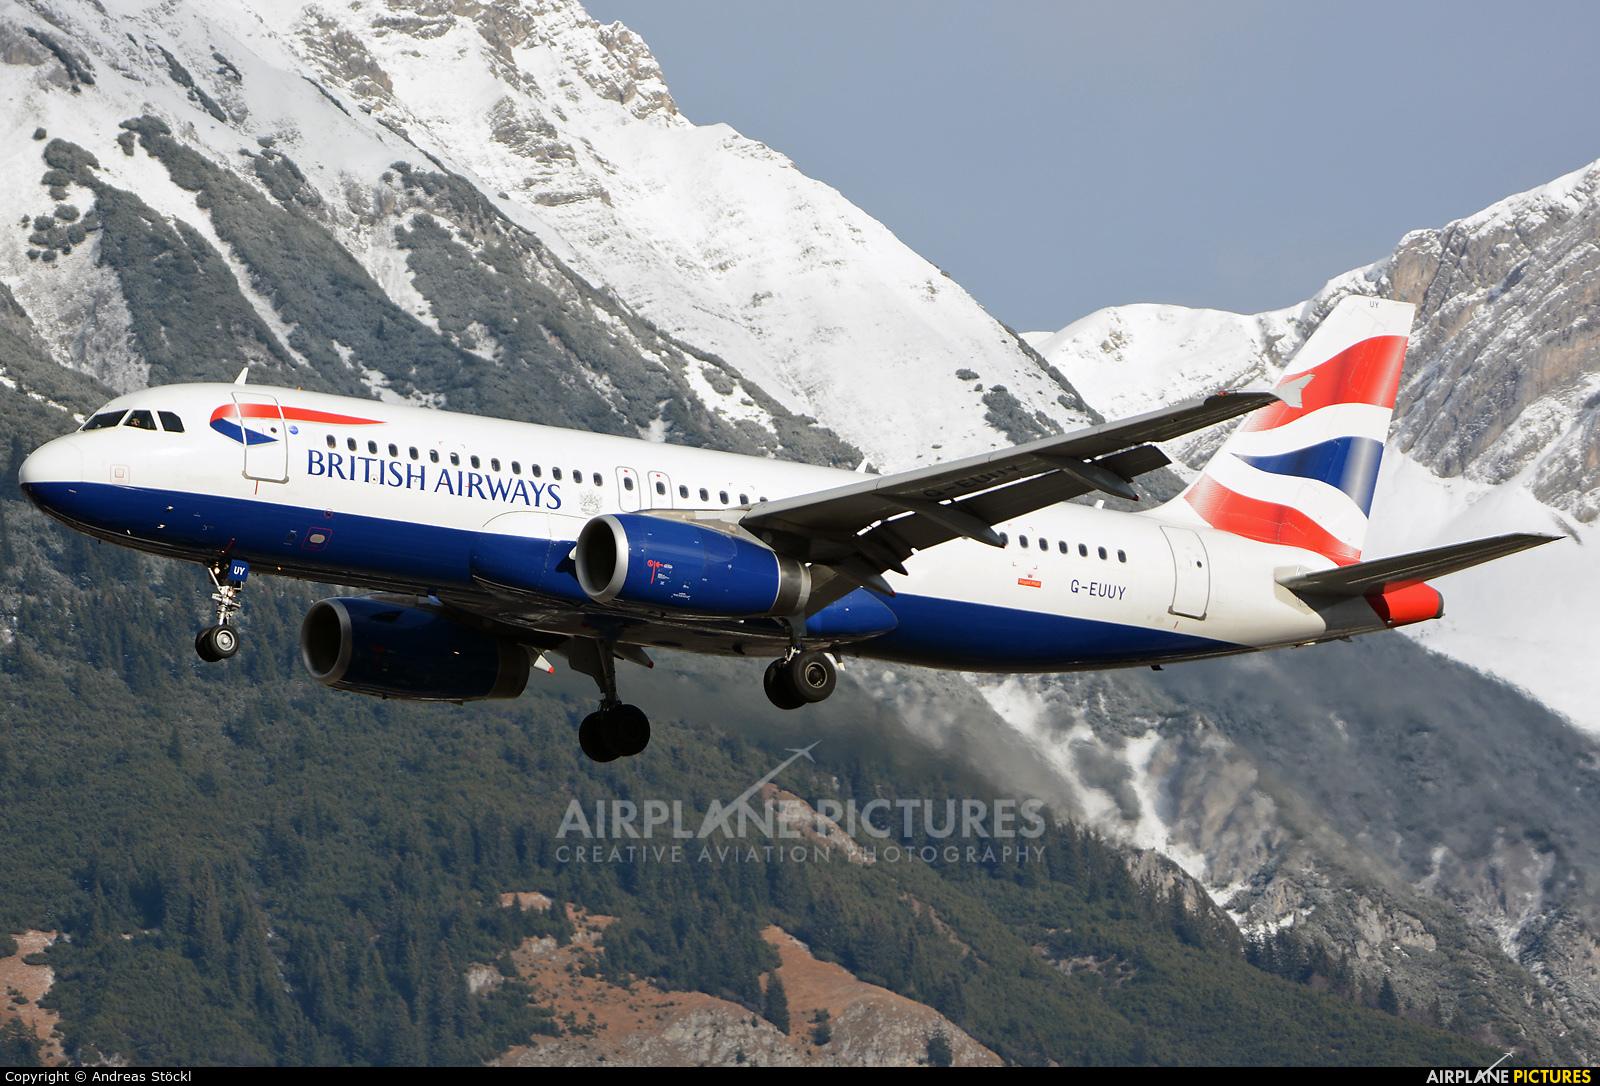 British Airways G-EUUY aircraft at Innsbruck